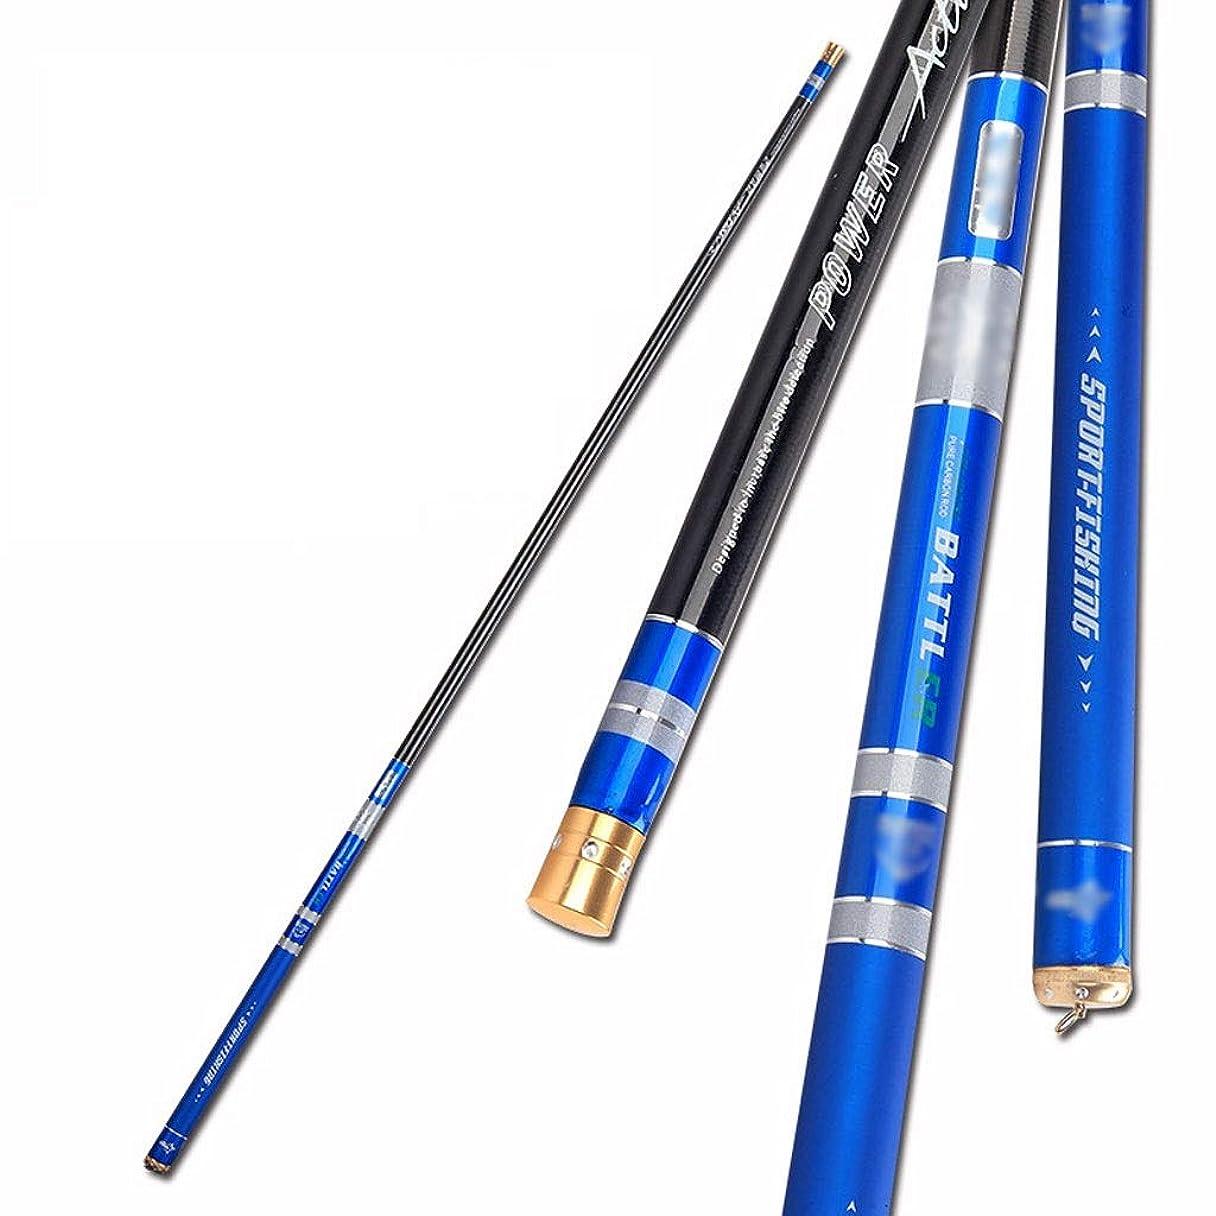 褒賞アクティブ隣人高炭素繊維釣り竿 超軽量 超硬 28 調節可能 釣り道具 縮小可能 ポータブル 3.6~6.3メートル (ブルー) 6.3 juiy0326